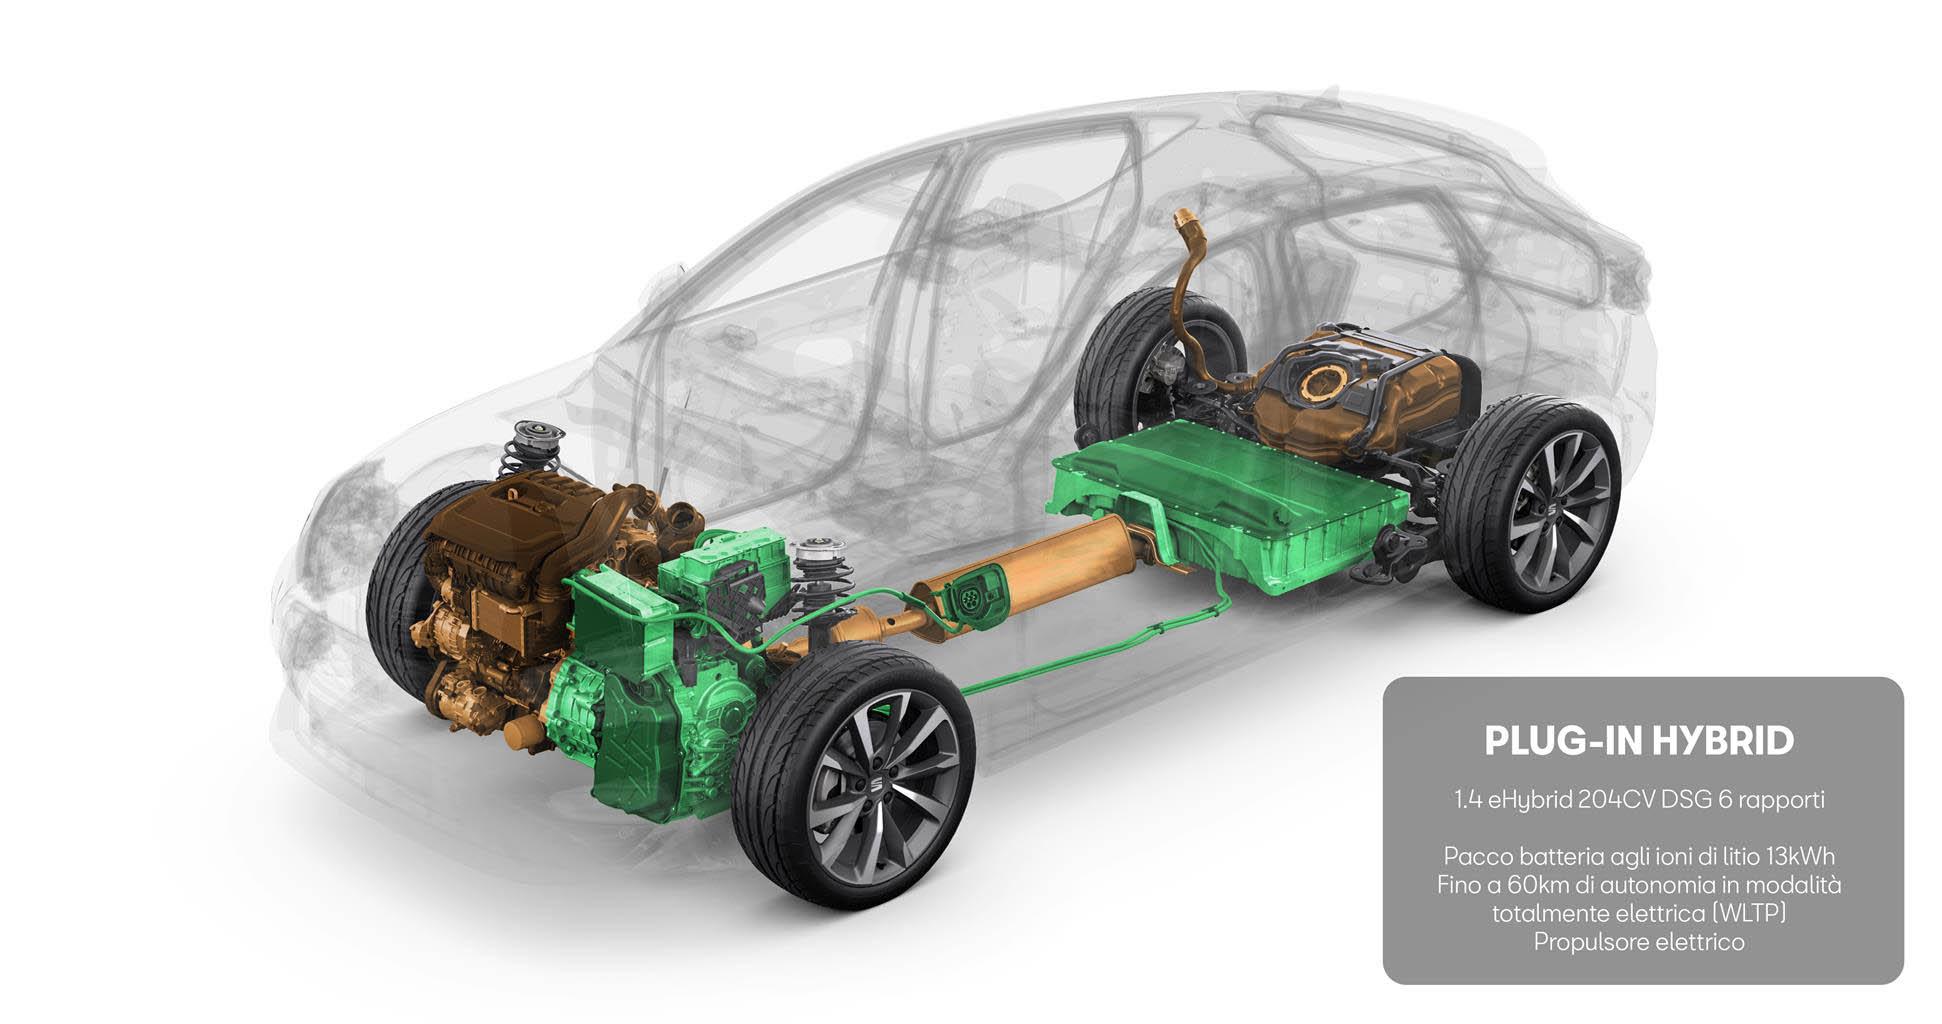 La nuova SEAT Leon con 5 diverse tipologie di propulsione